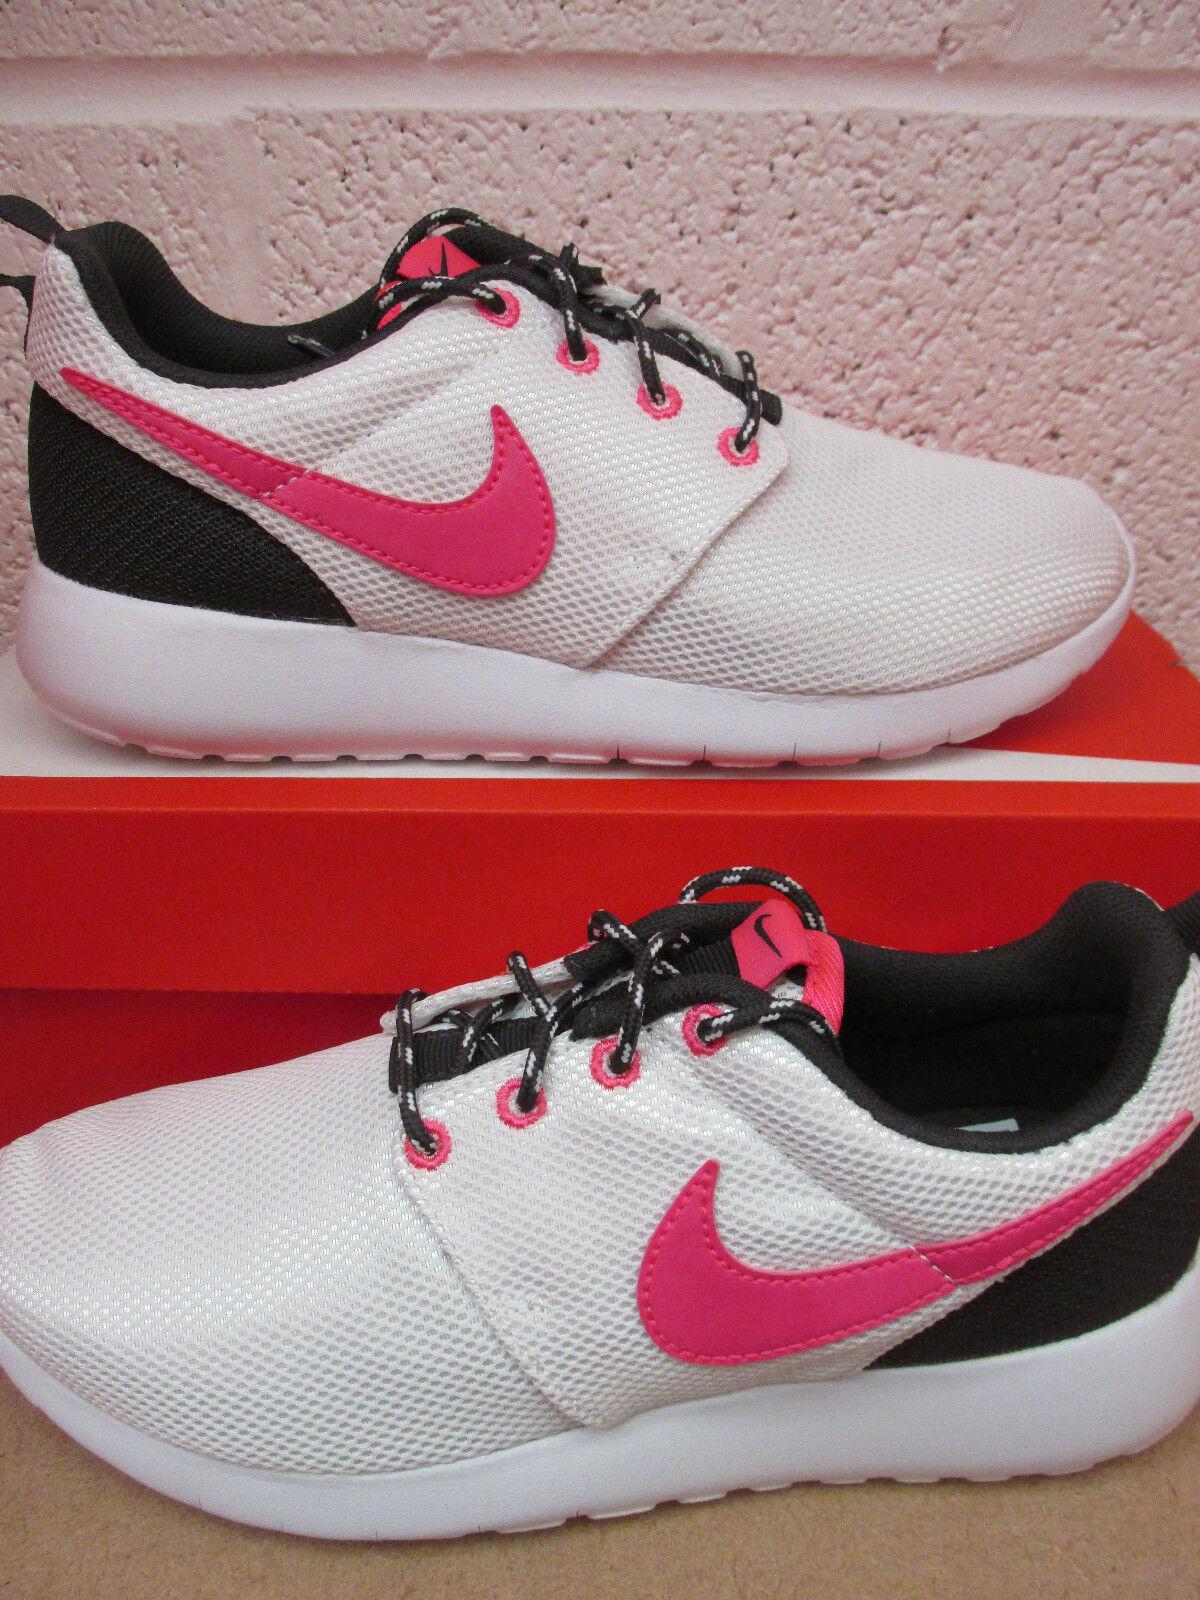 buy popular c85b7 65be4 Nike Roshe Roshe Roshe One Gs Baskets 599729 104 Baskets   Belle En  Couleurs   Vendant ...